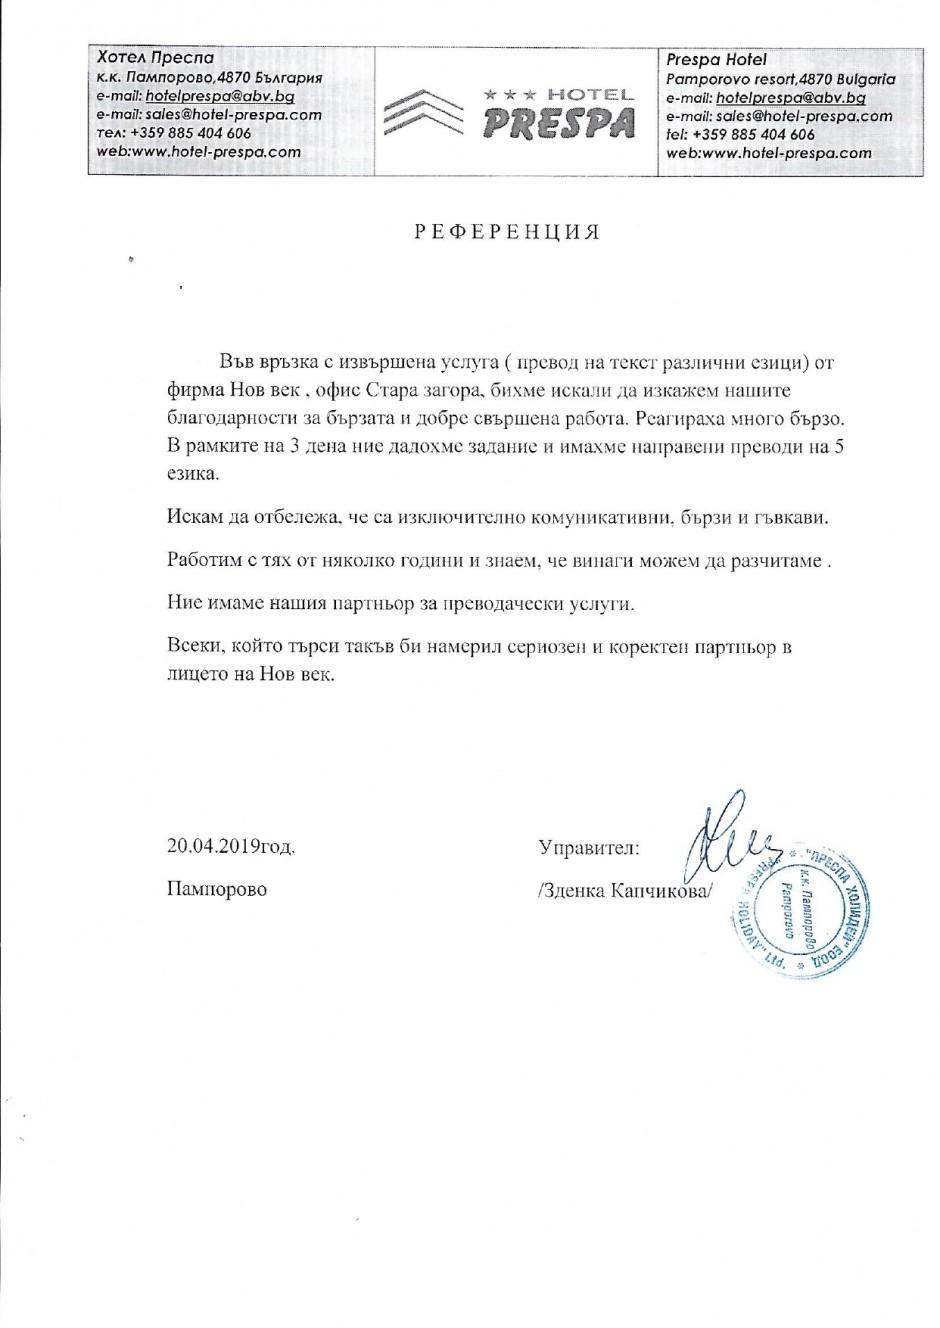 Препоръка от ХОТЕЛ ПРЕСПА, К.К ПАМПОРОВО